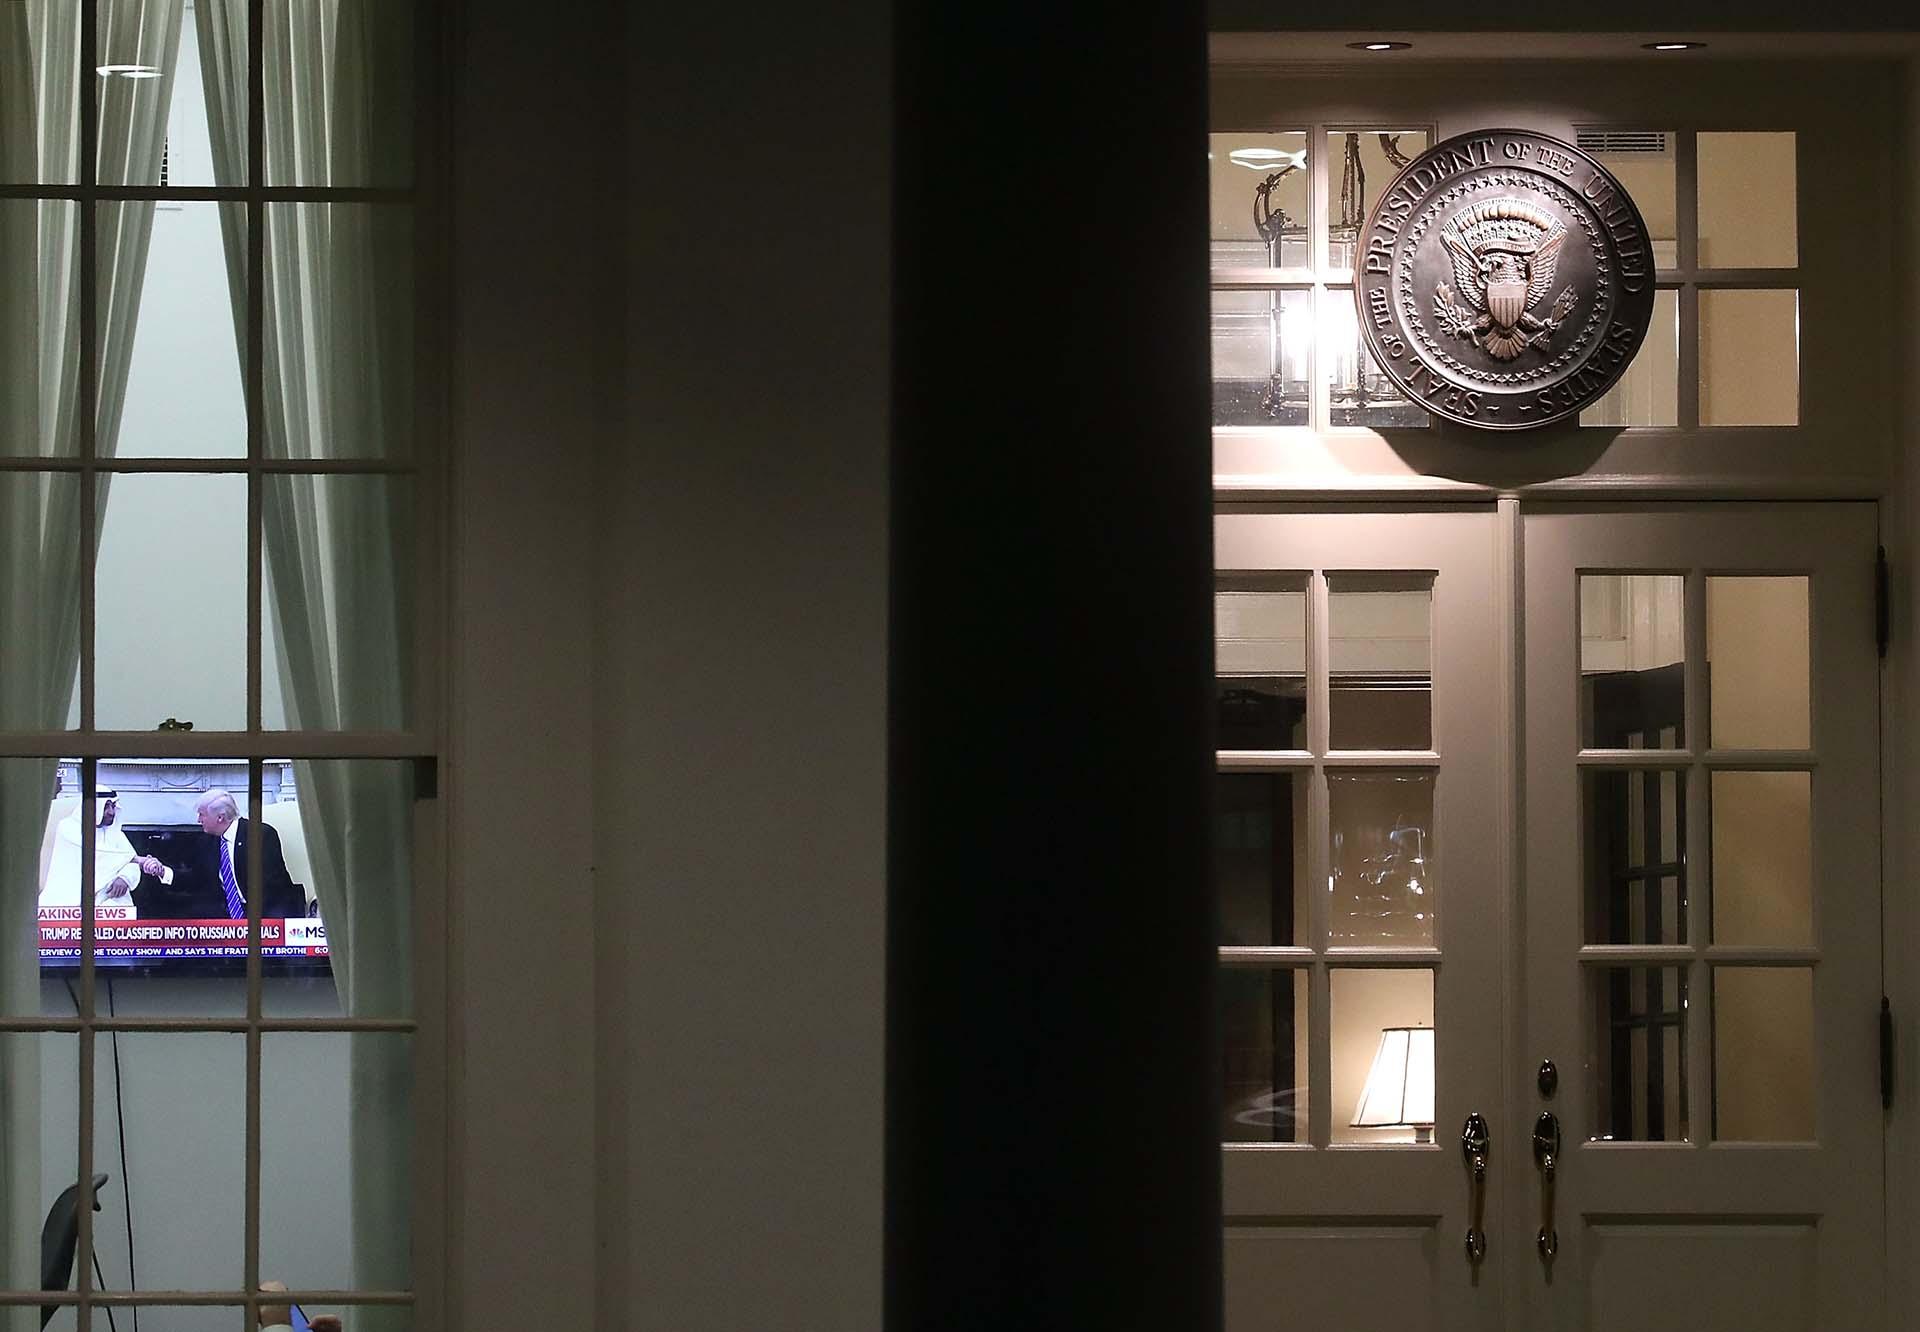 15/5/2017 Una TV en el ala Oeste de la Casa Blanca transmite una imagen de presidente Trump durante una entrevista